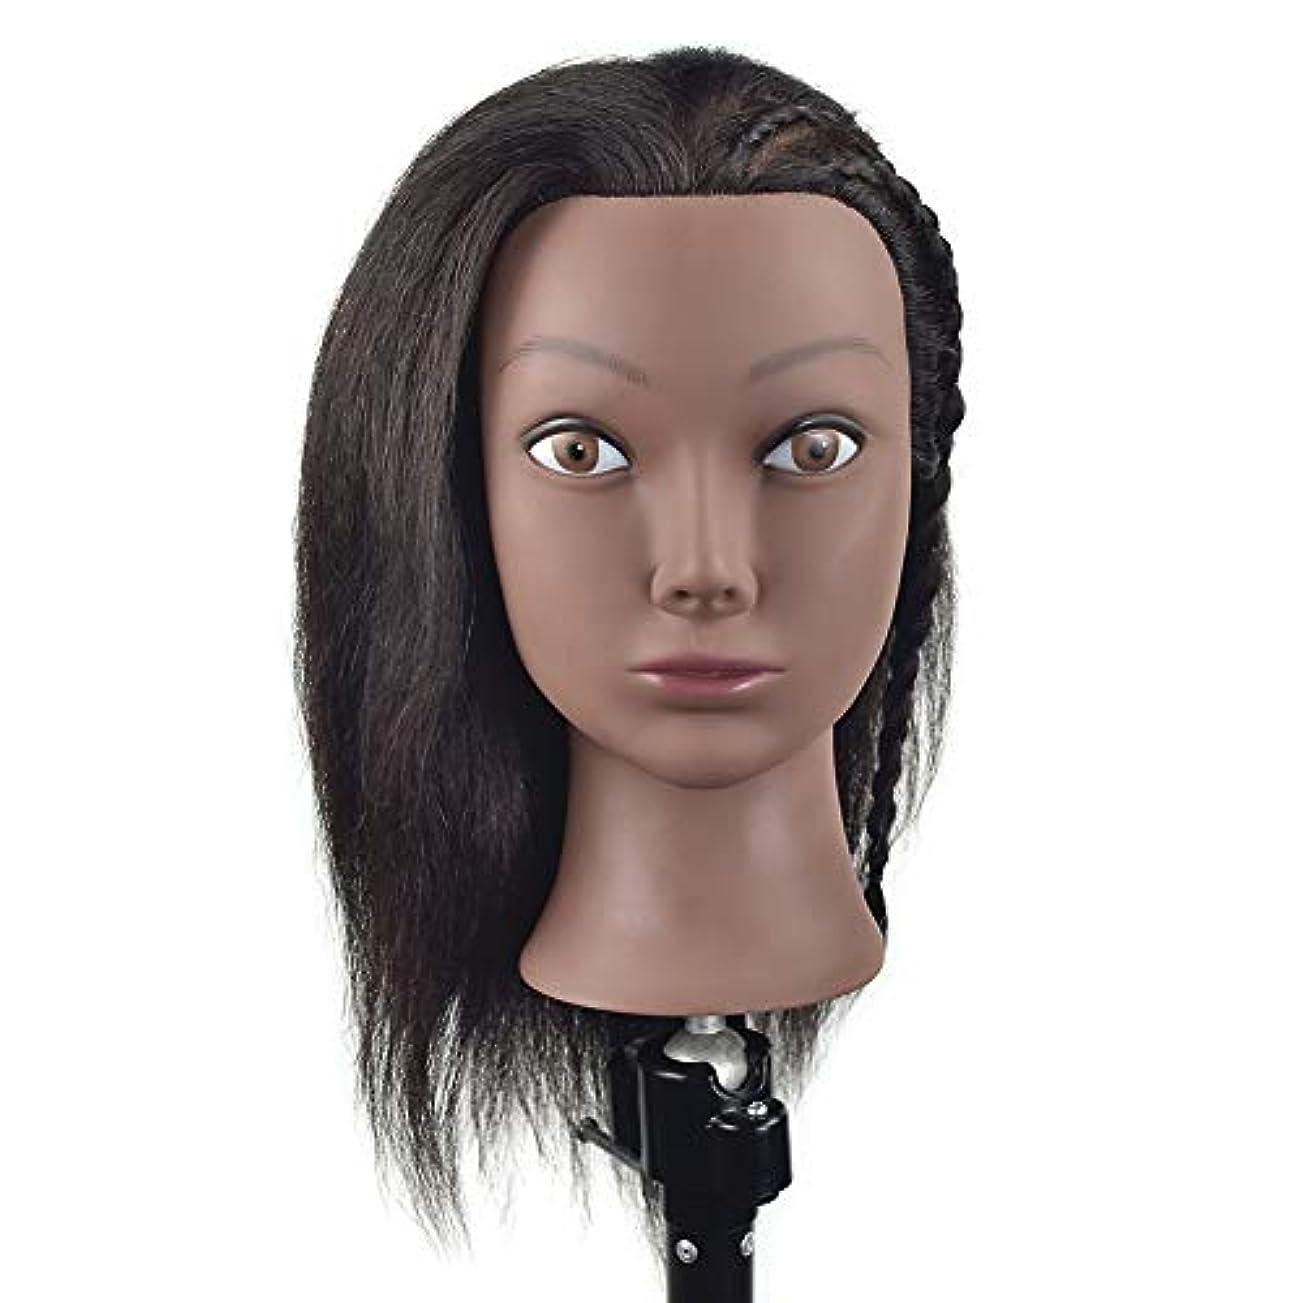 トリクルサージ高潔なトレーニングヘッドかつらヘッドの型のヘアカットの編みのスタイリングマネキンヘッド理髪店練習指導ダミーヘッド